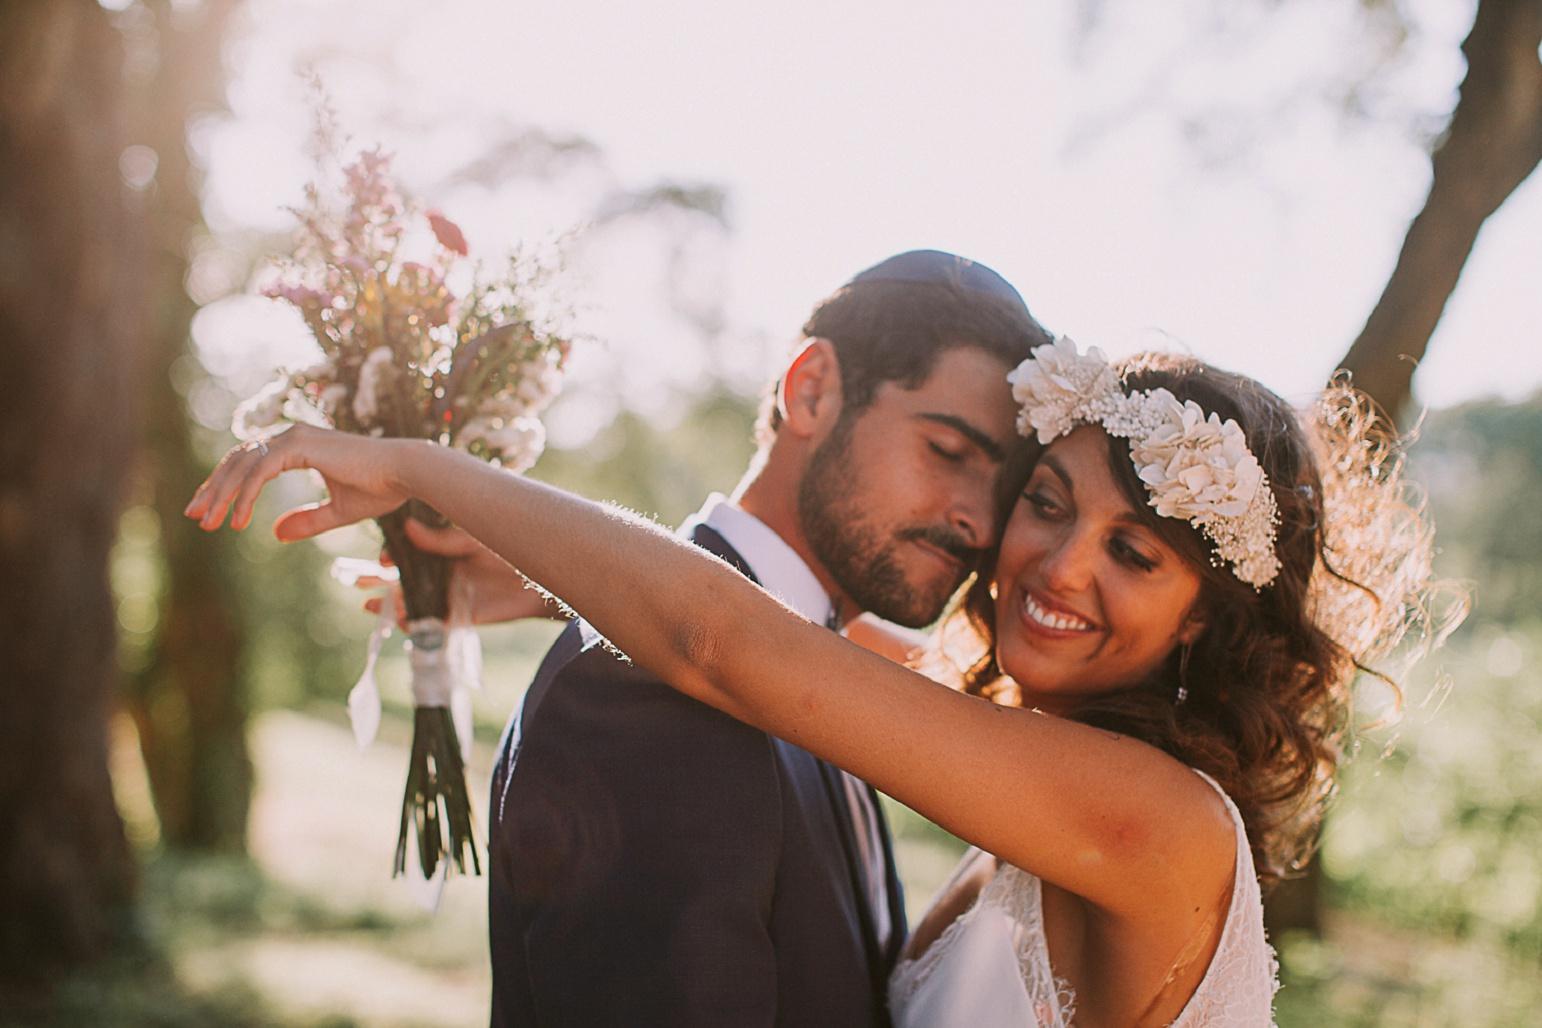 kateryna-photos-mariage-photographe-chateau-maime-aix-nice-provence-wedding-arcs-sur-argens_0100.jpg